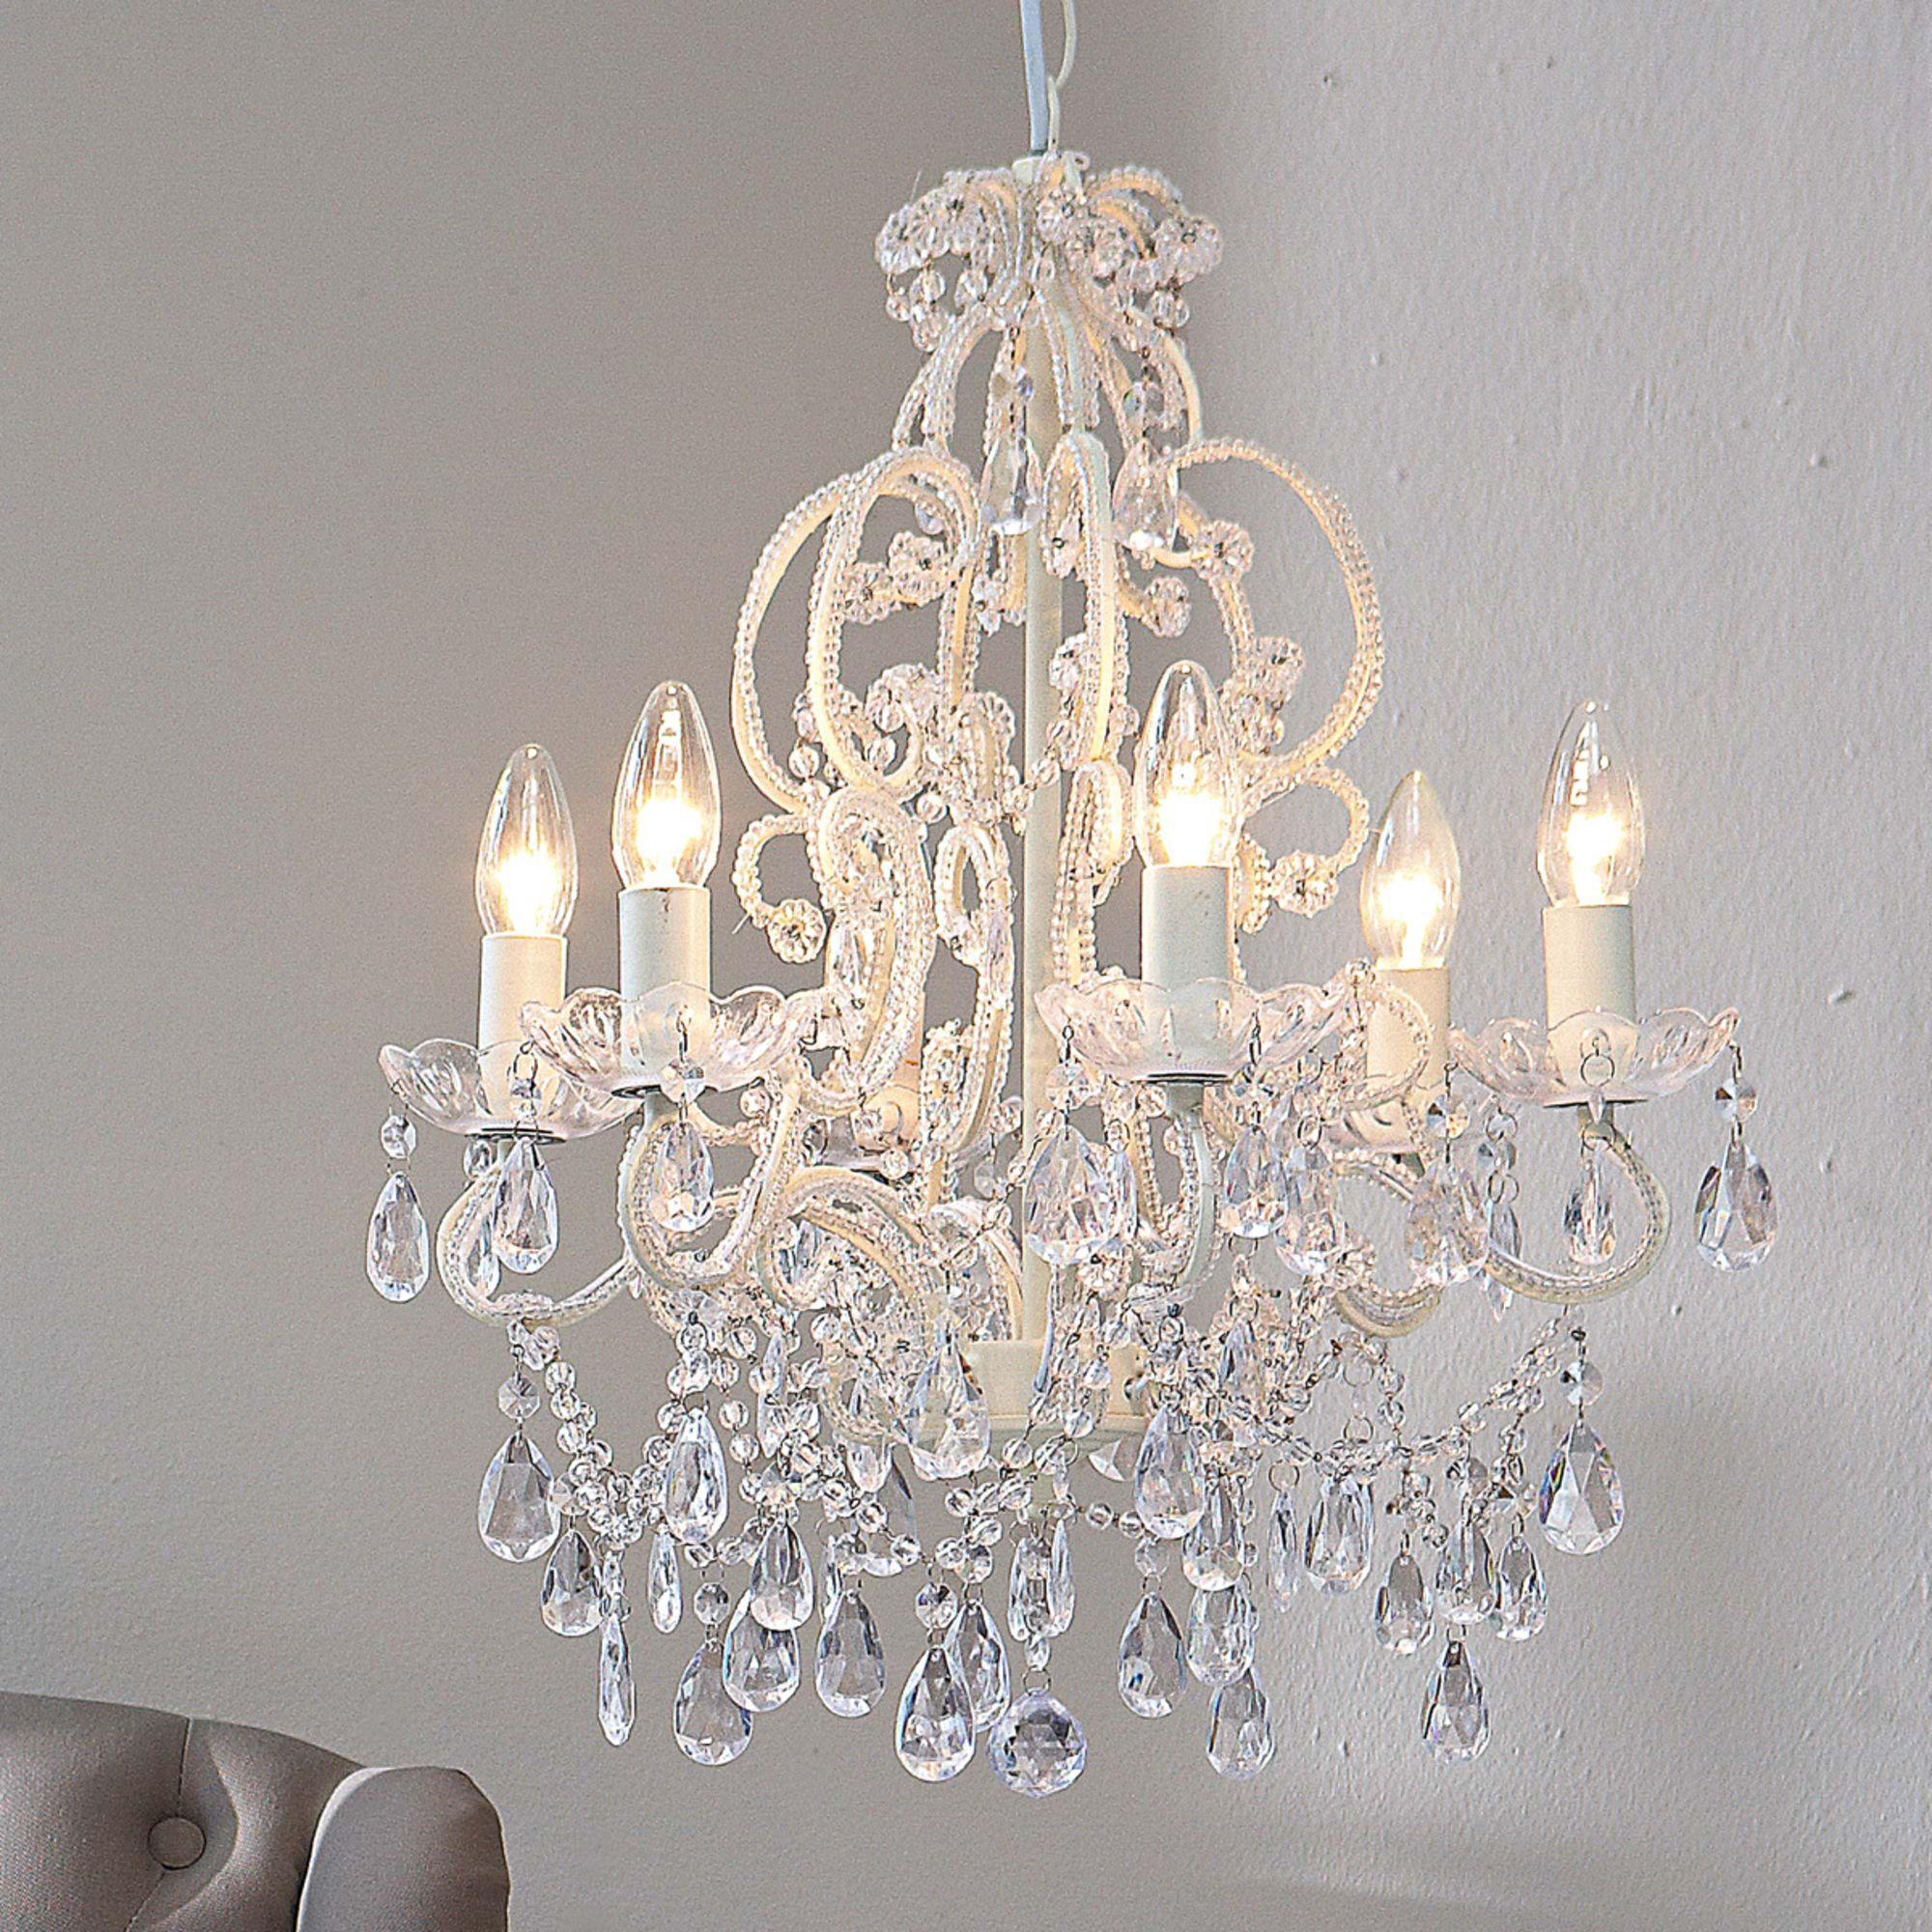 Kronleuchter | Home details | Landhaus lampen, Kronleuchter ...